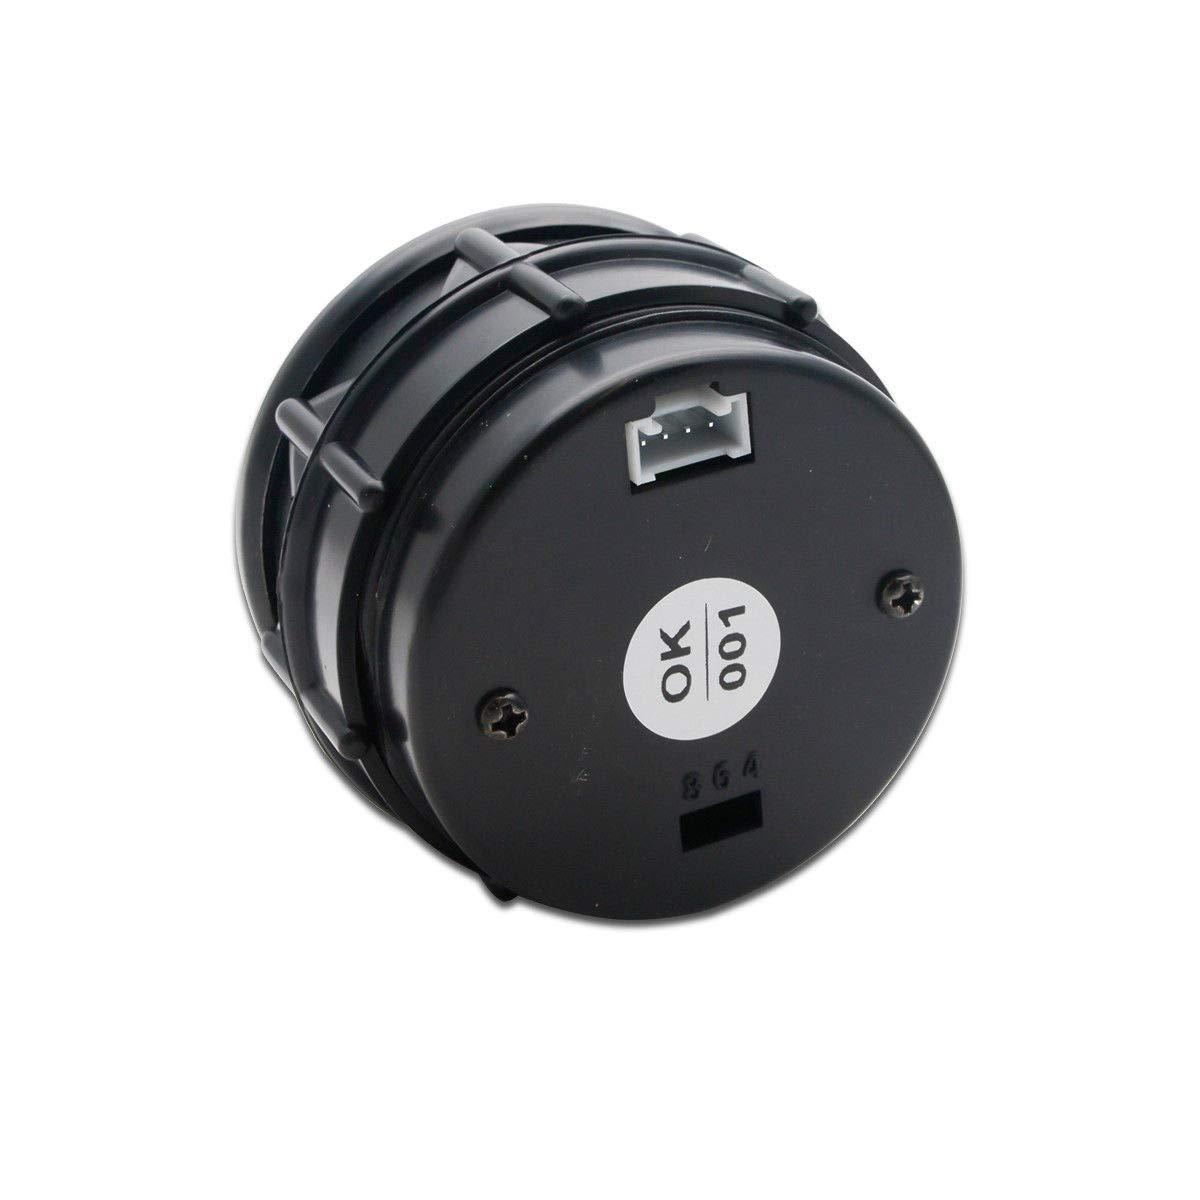 Pantalla LED Azul y luz de Advertencia roja 52 mm//2 en LCD 40~150 /°C de Grado MASO Medidor Digital de Temperatura del Agua con Sensor para Coche//Maletero//Motor